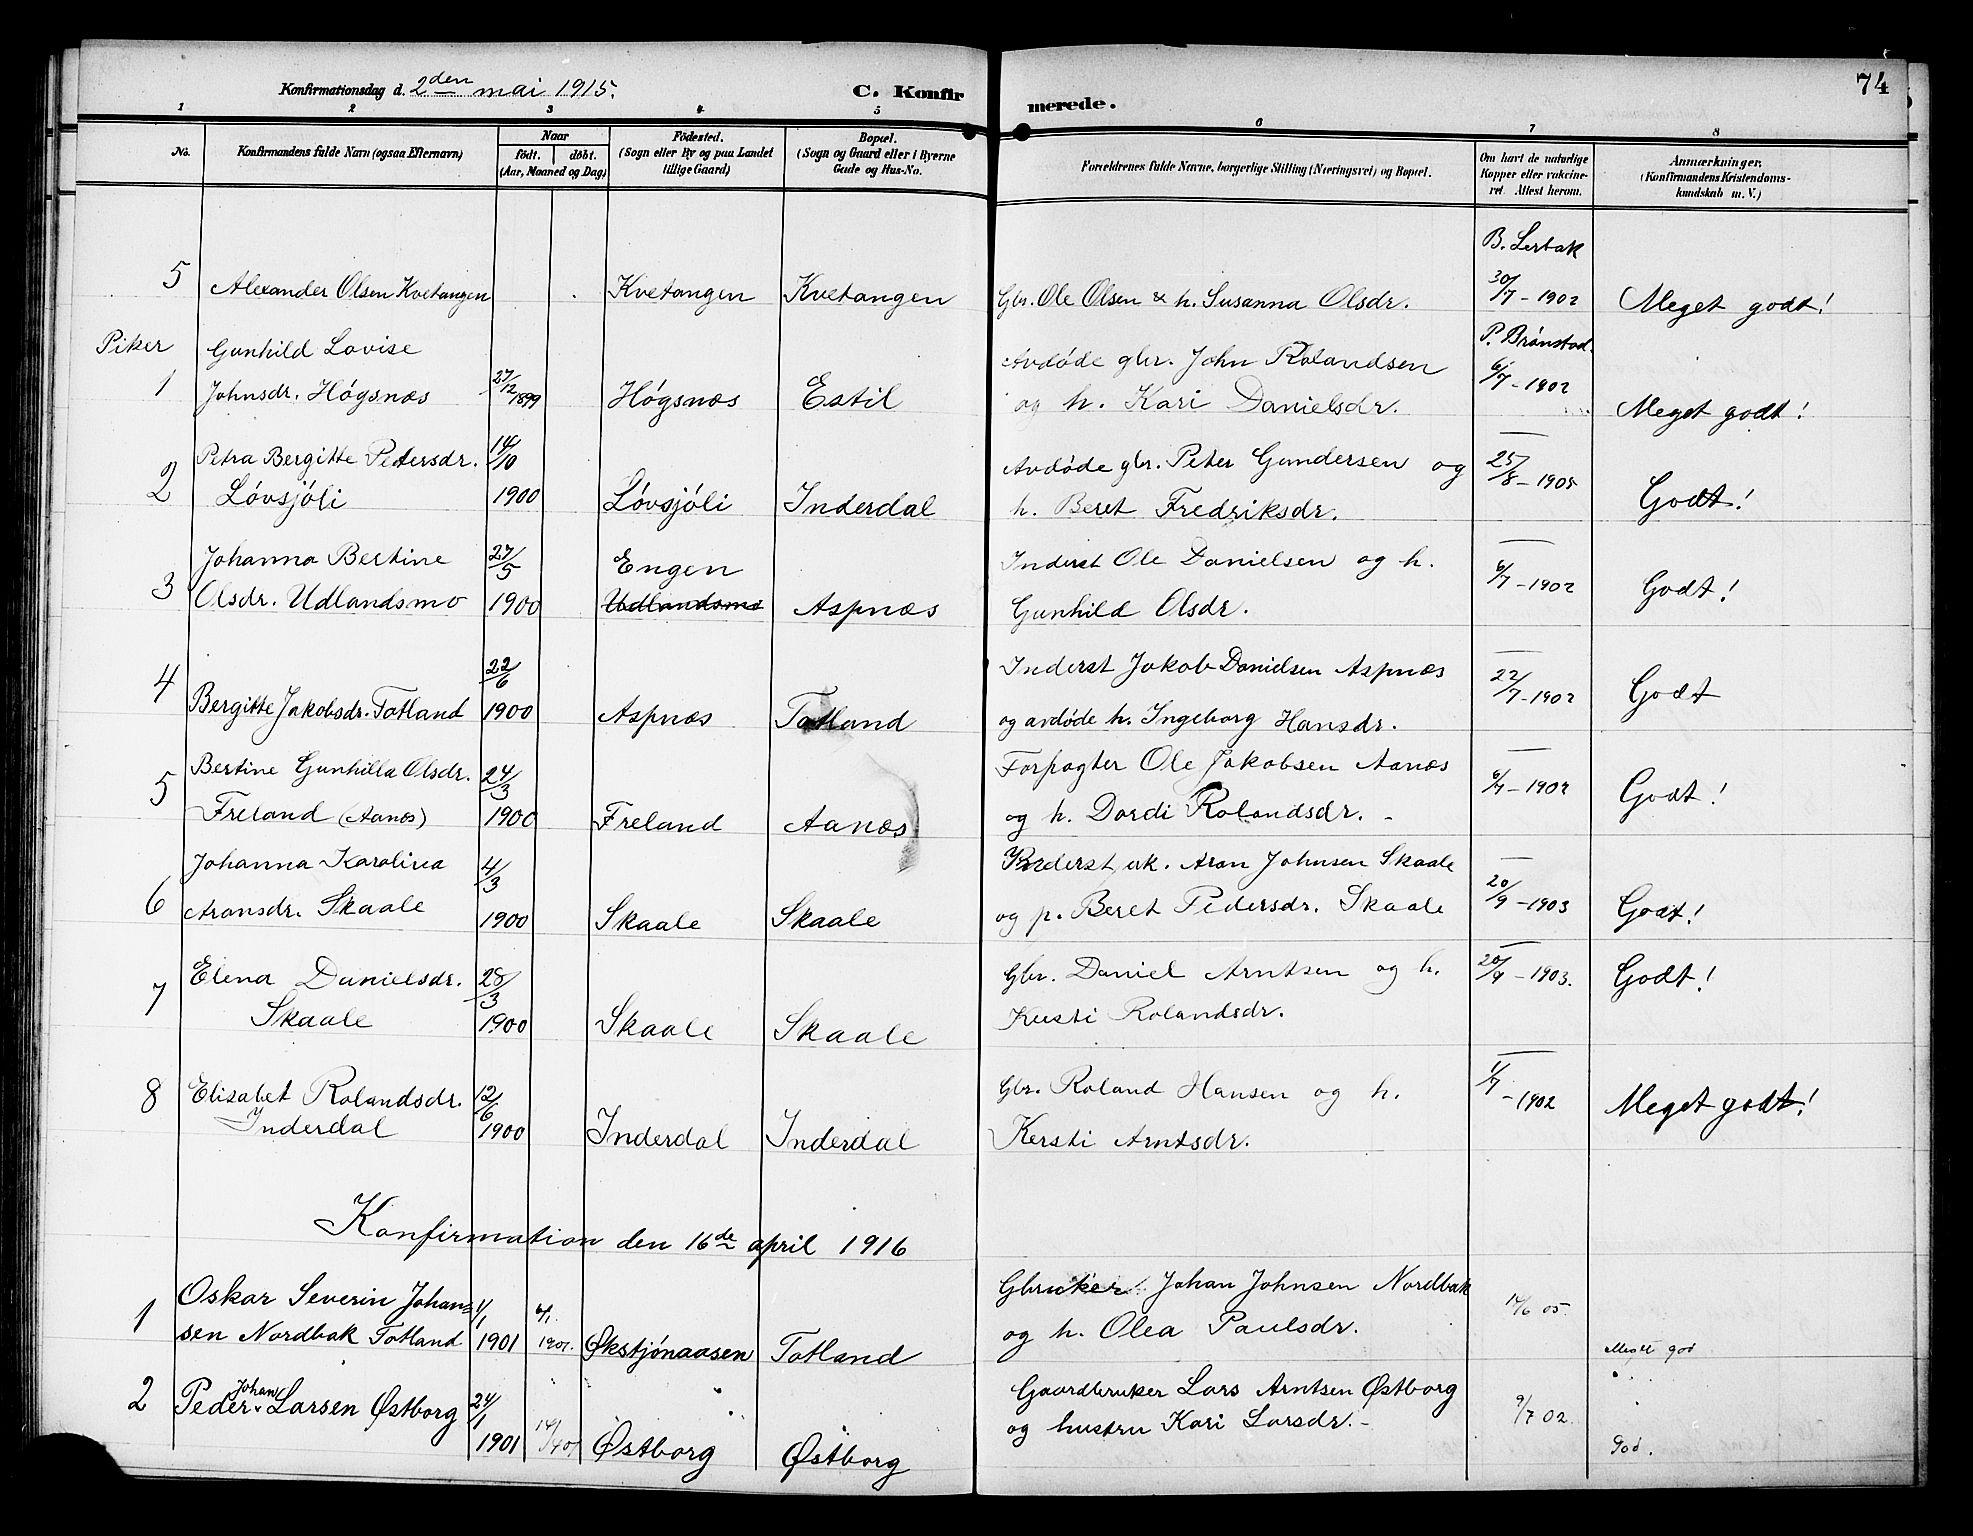 SAT, Ministerialprotokoller, klokkerbøker og fødselsregistre - Nord-Trøndelag, 757/L0506: Klokkerbok nr. 757C01, 1904-1922, s. 74